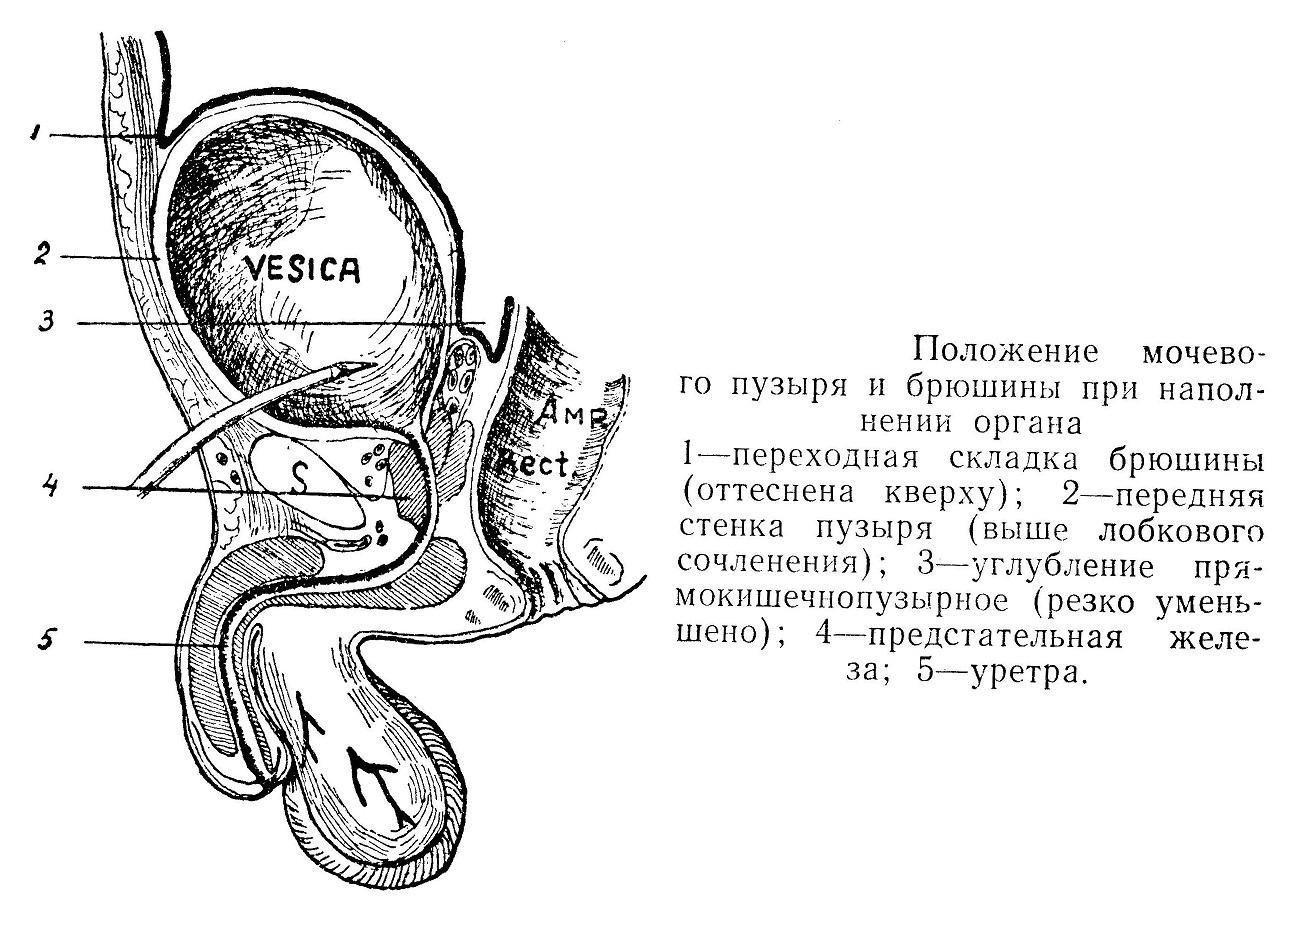 Положение мочевого пузыря и брюшины при наполнении органа